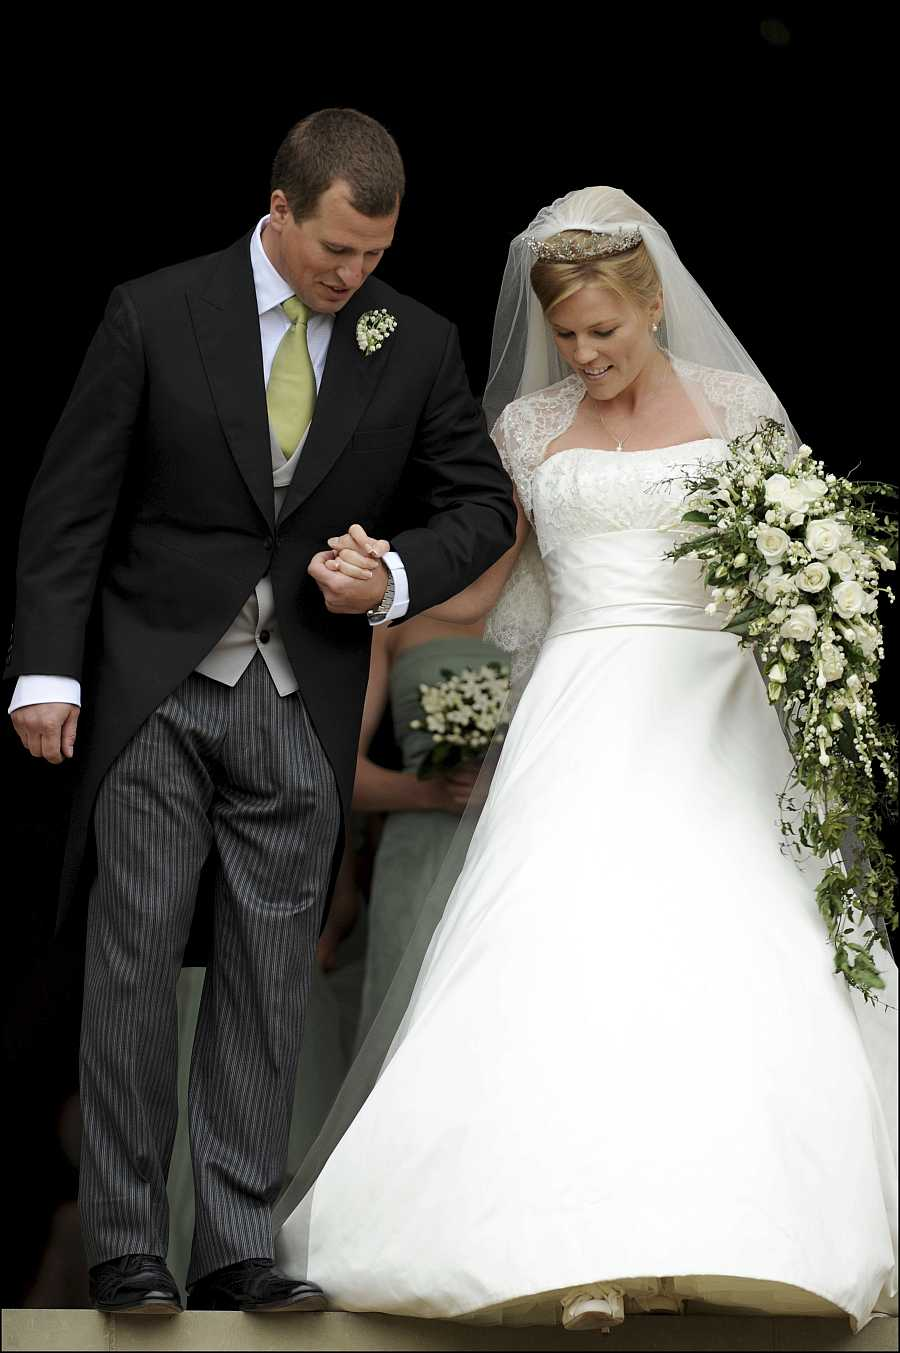 Boda real de Peter Phillips y Autumn Kelly, ahora divorciados